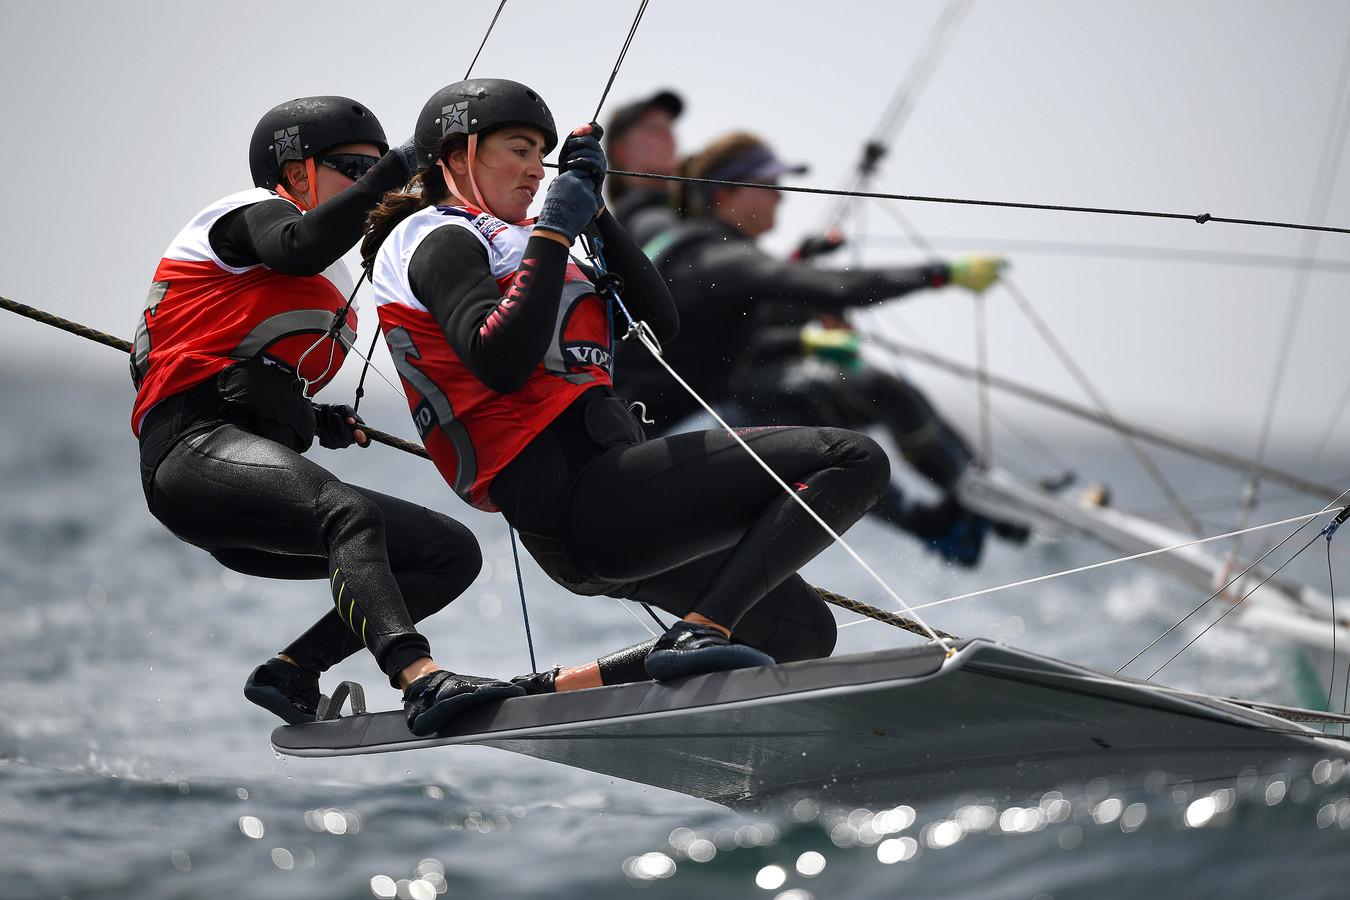 Annemiek Bekkering en Annette Duetz in actie tijdens het EK in Weymouth.